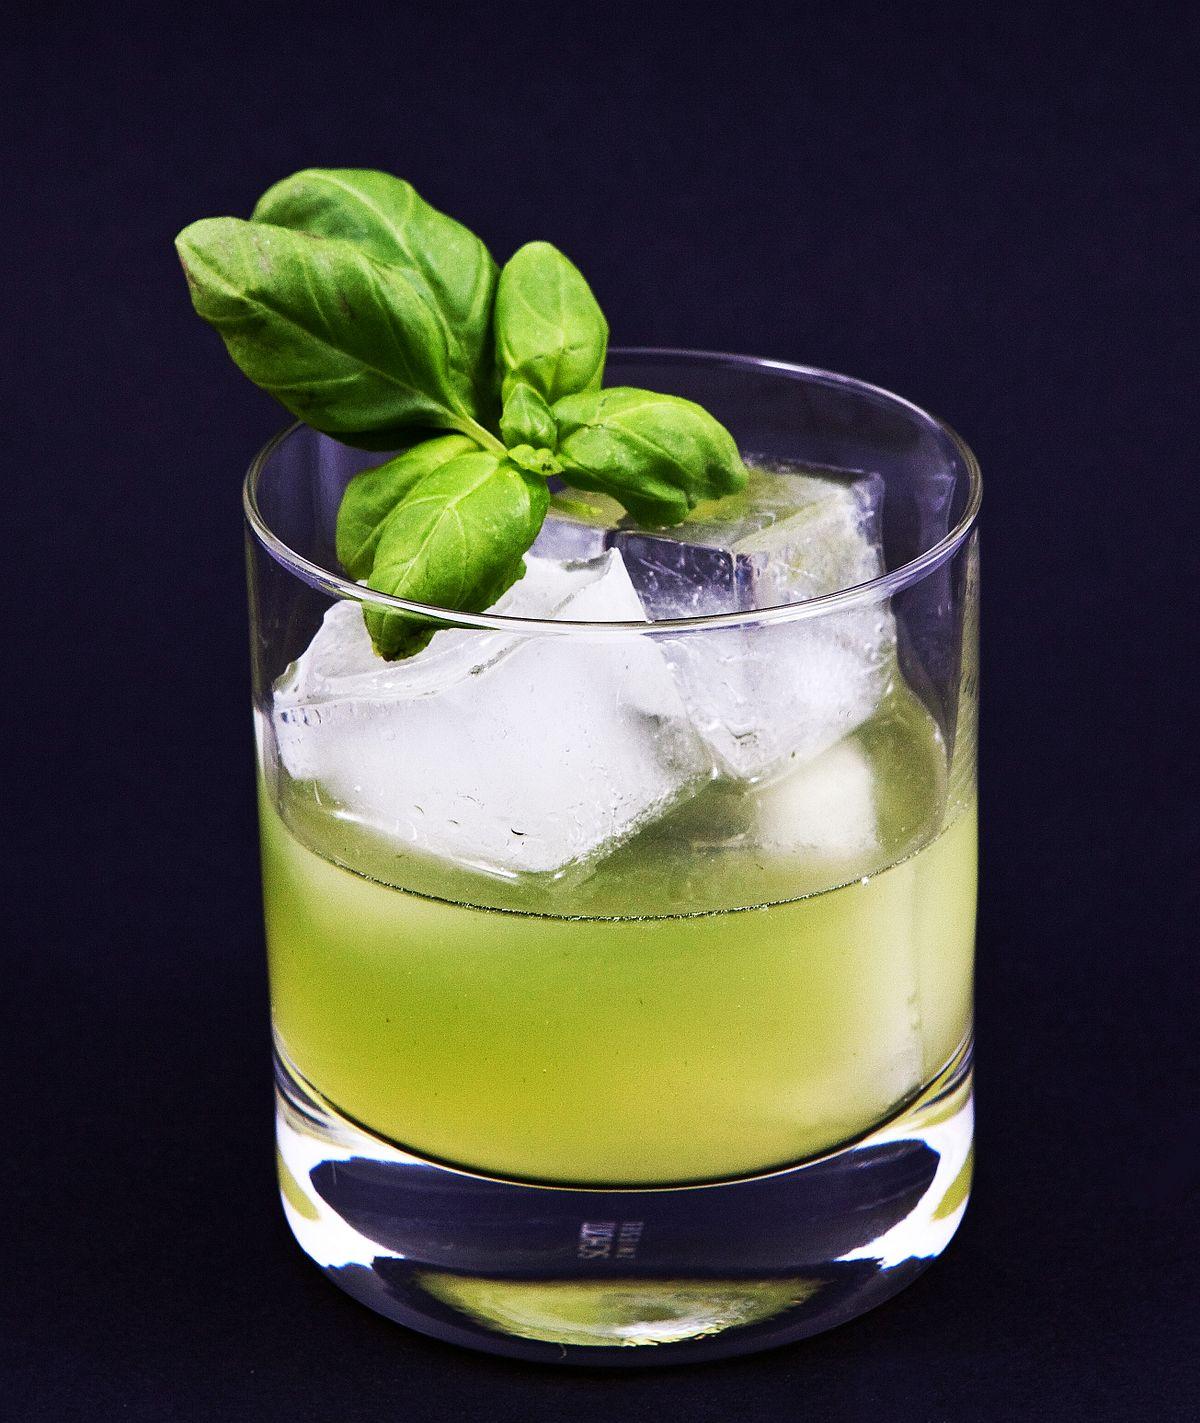 smash cocktail wikipedia. Black Bedroom Furniture Sets. Home Design Ideas